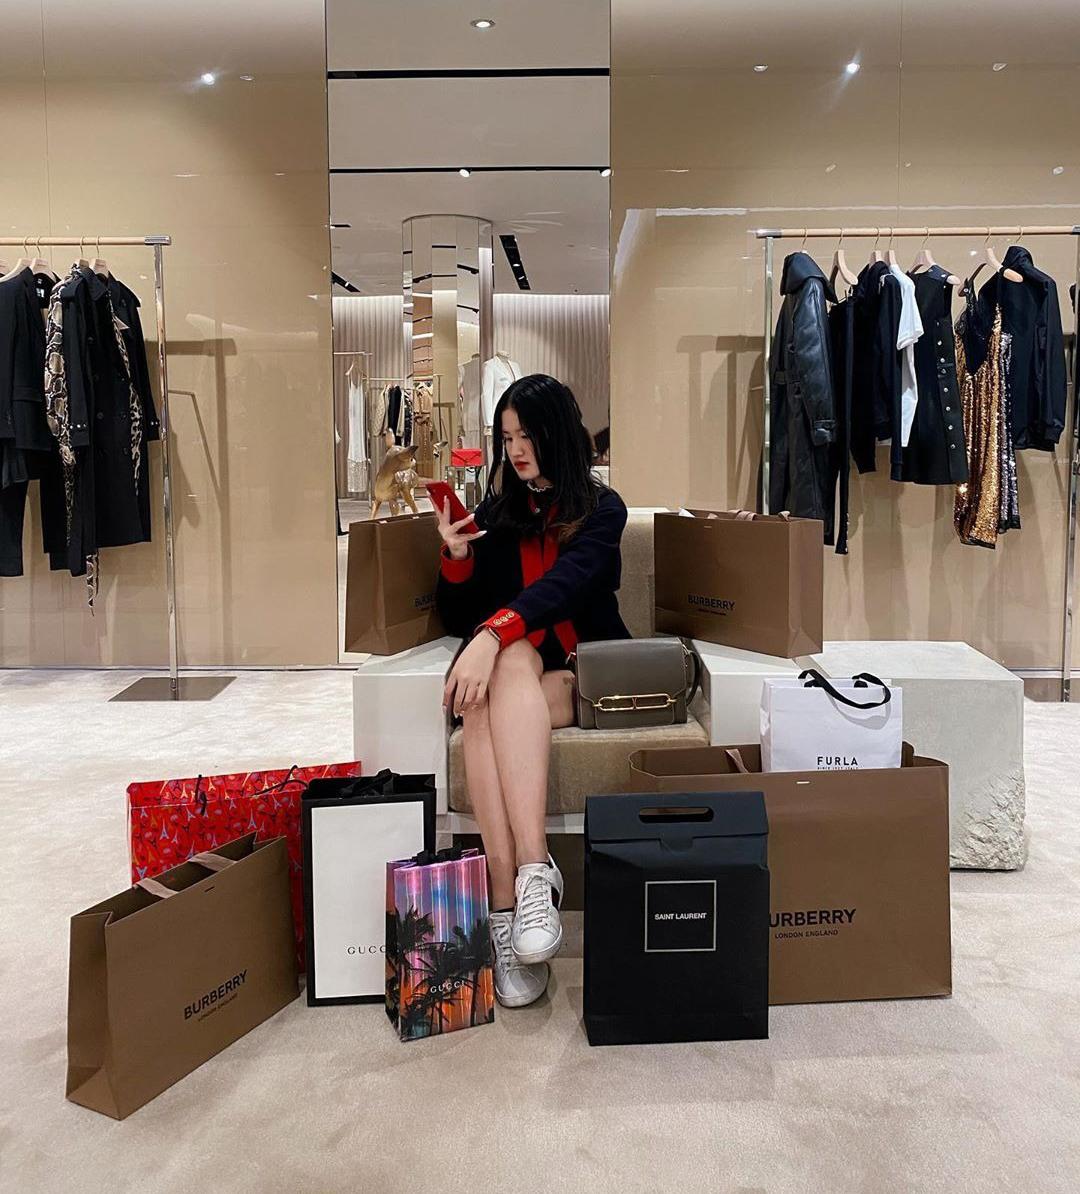 Nàng rich kid thường xuyên cập nhật Instagram với những bức hình khoe cuộc sống nhung lụa của con nhà giàu. Mỗi chuyến mua sắm, cô bạn có thể chi hàng trăm triệu đồng.